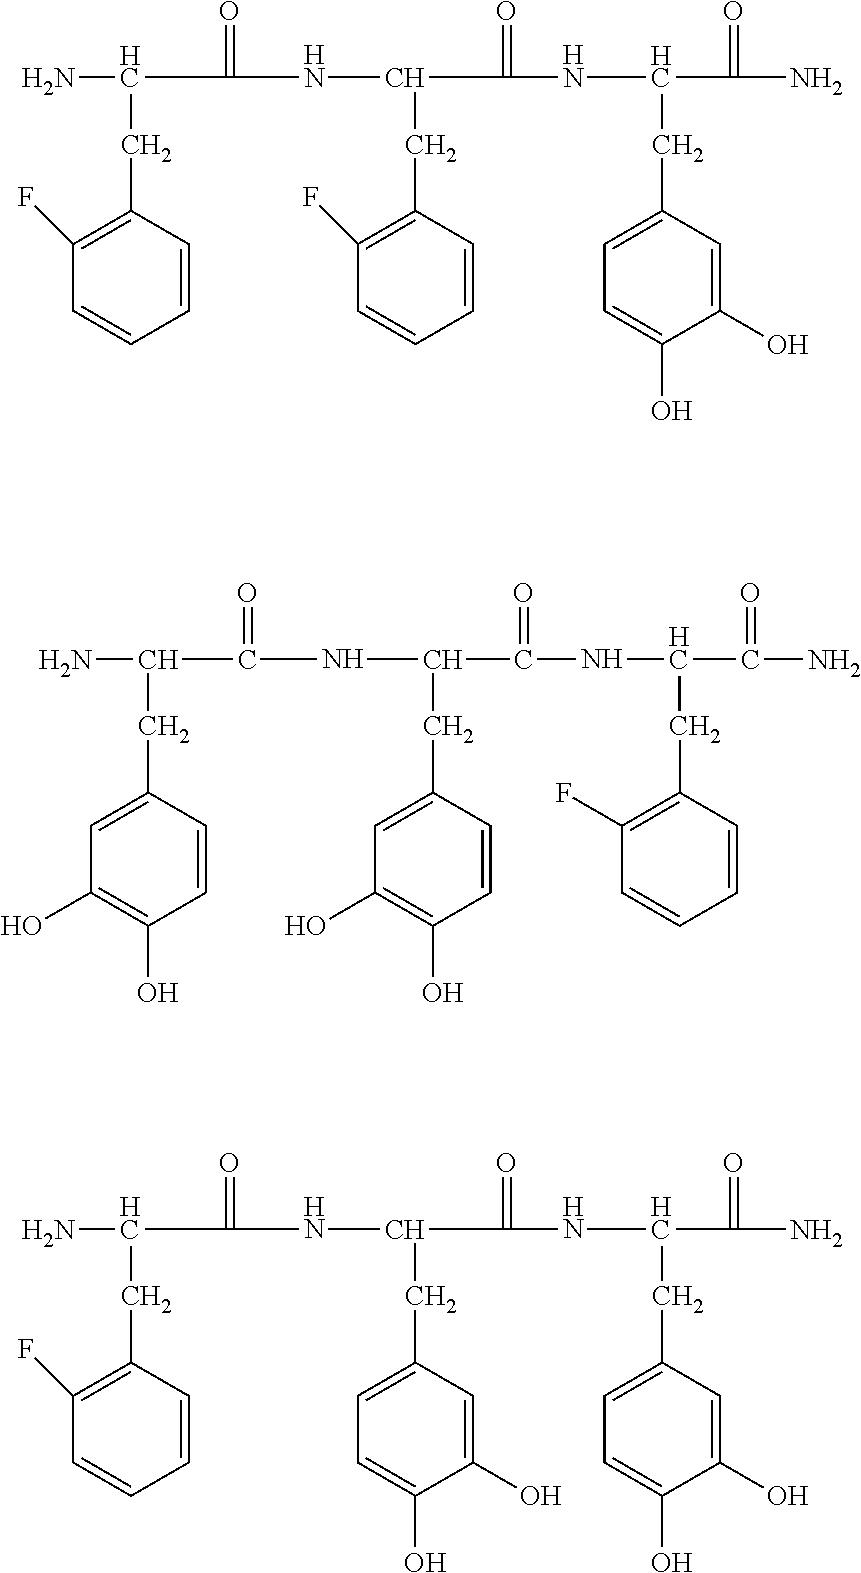 Figure US20180079912A1-20180322-C00015